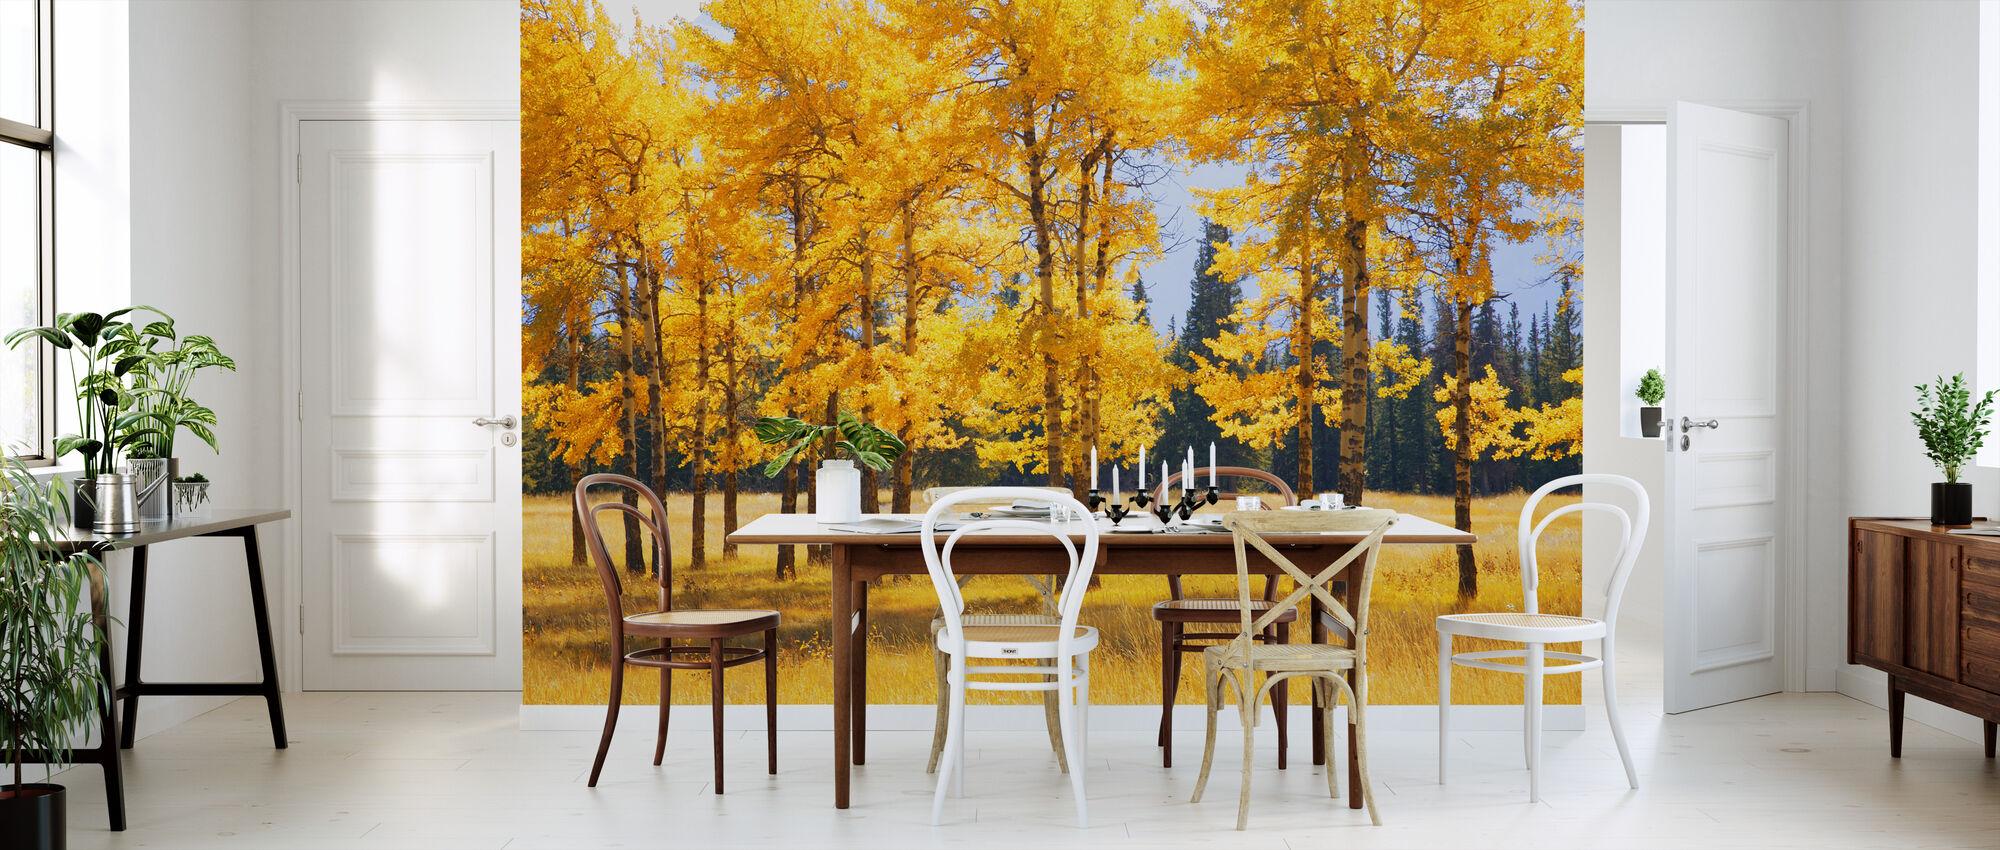 Yellow Autumn Trees - Wallpaper - Kitchen